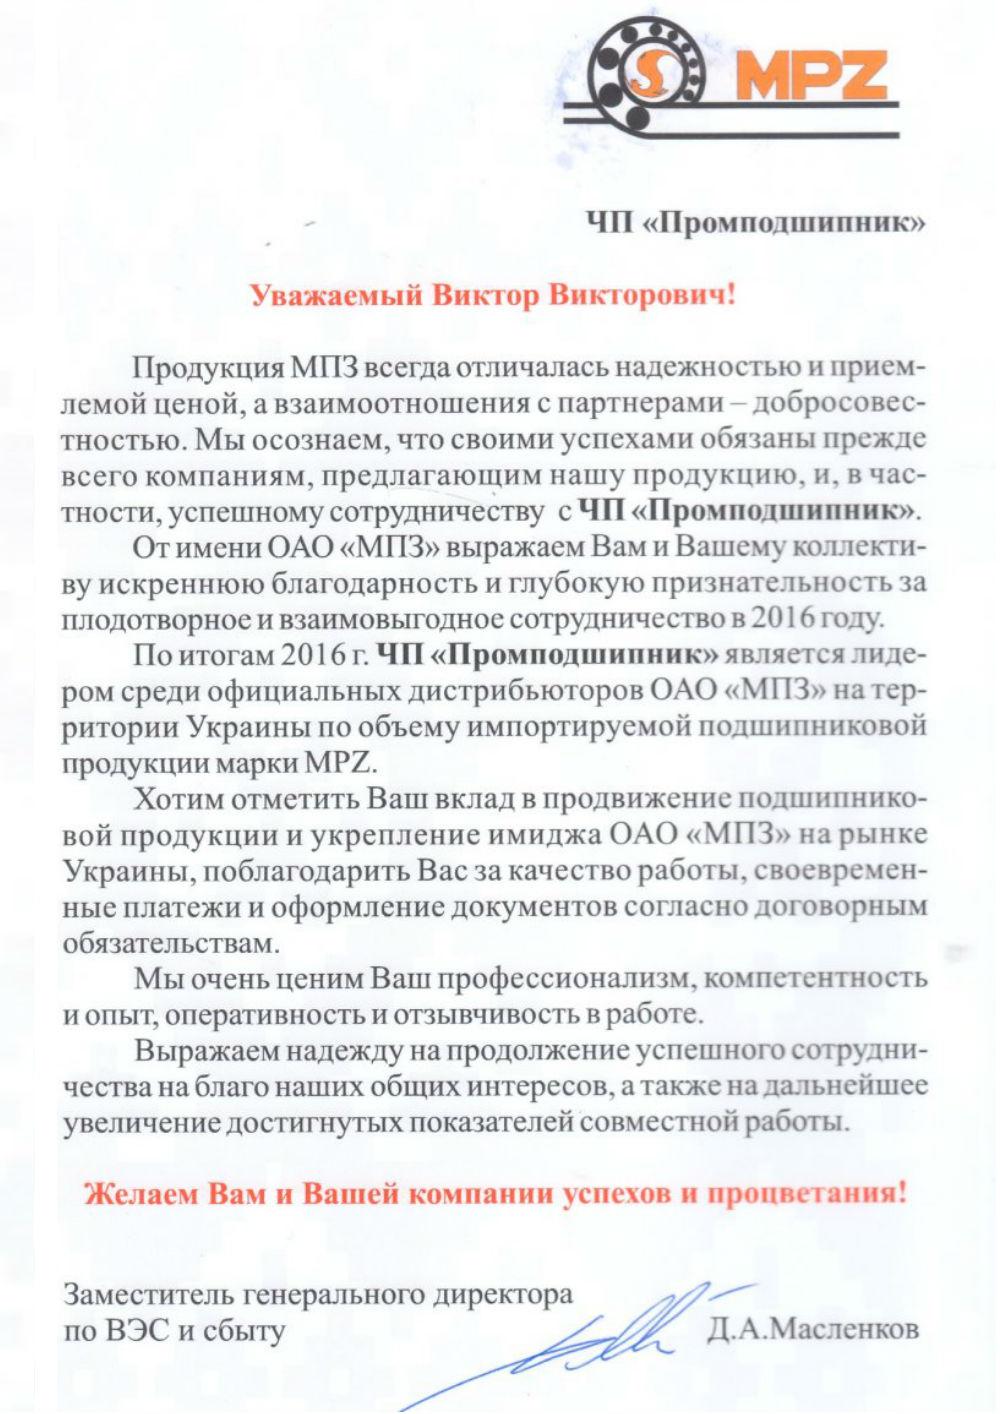 Письмо ОАО'МПЗ'